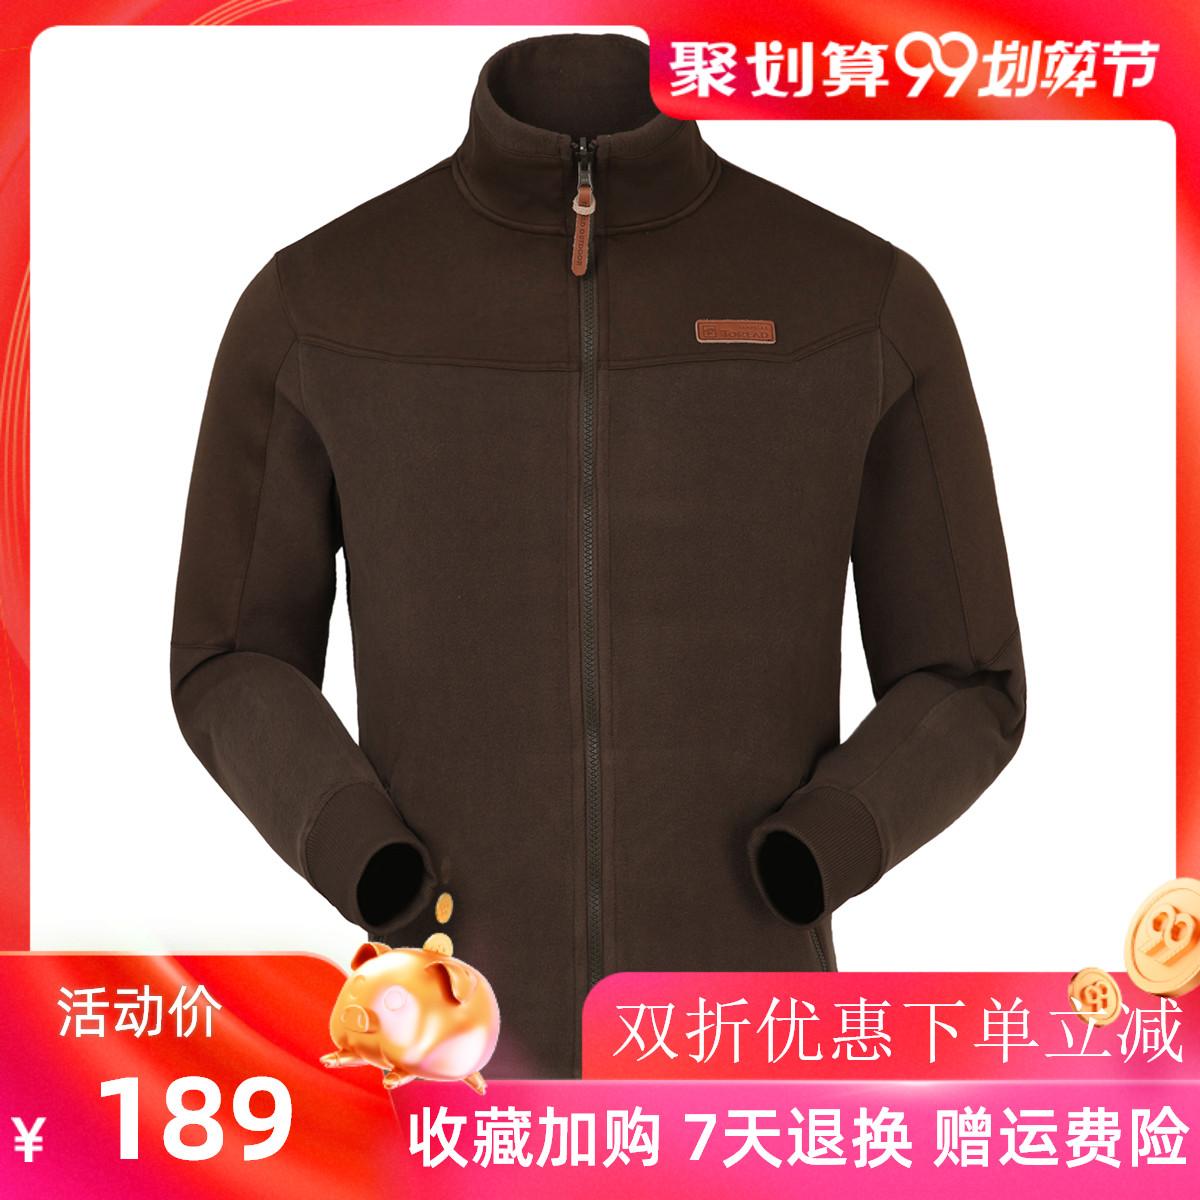 【清仓特卖】探路者秋冬新款男士户外休闲衣保暖开衫针织卫衣外套